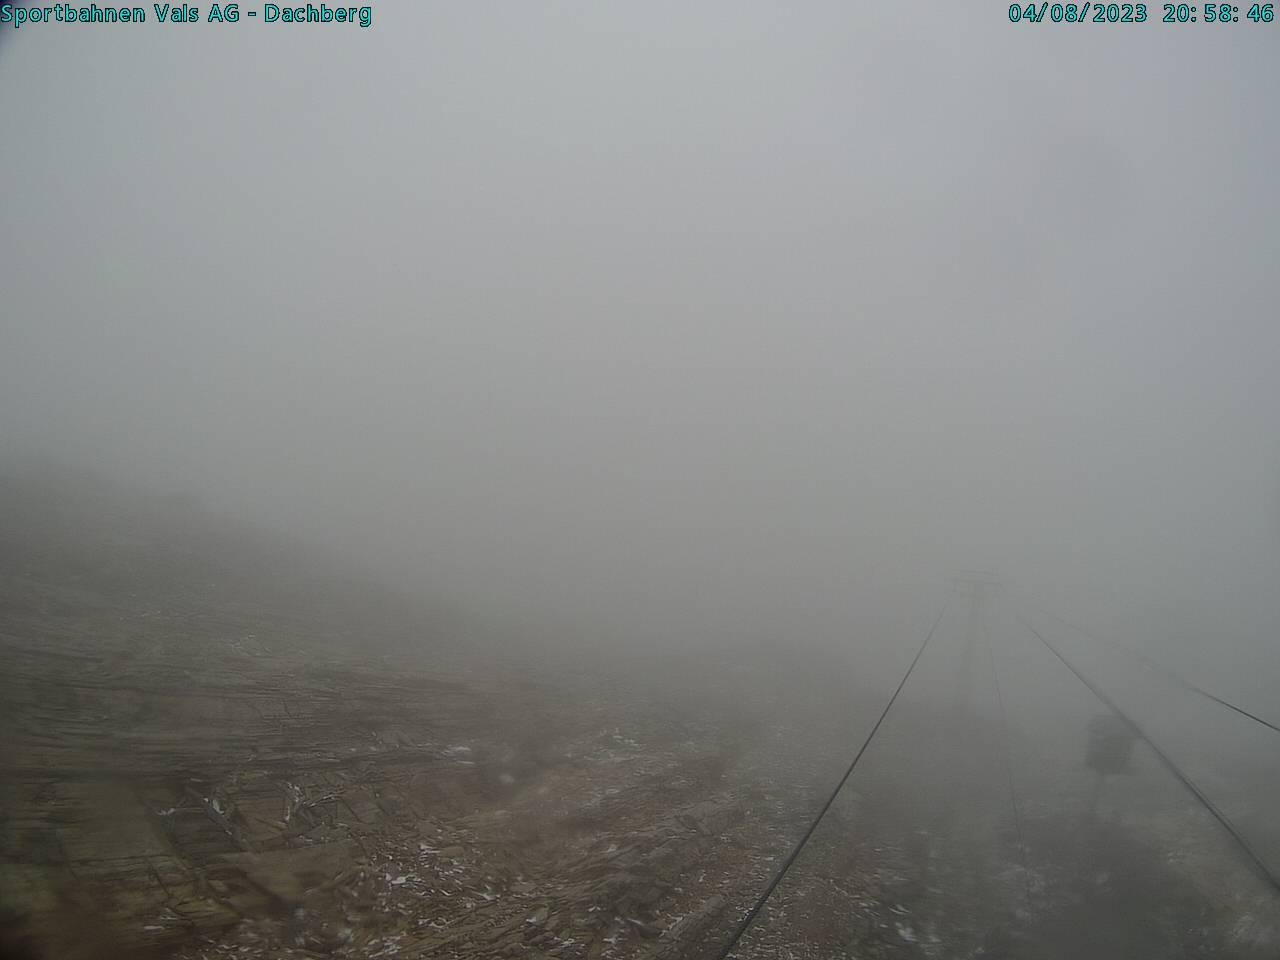 Webcam 3